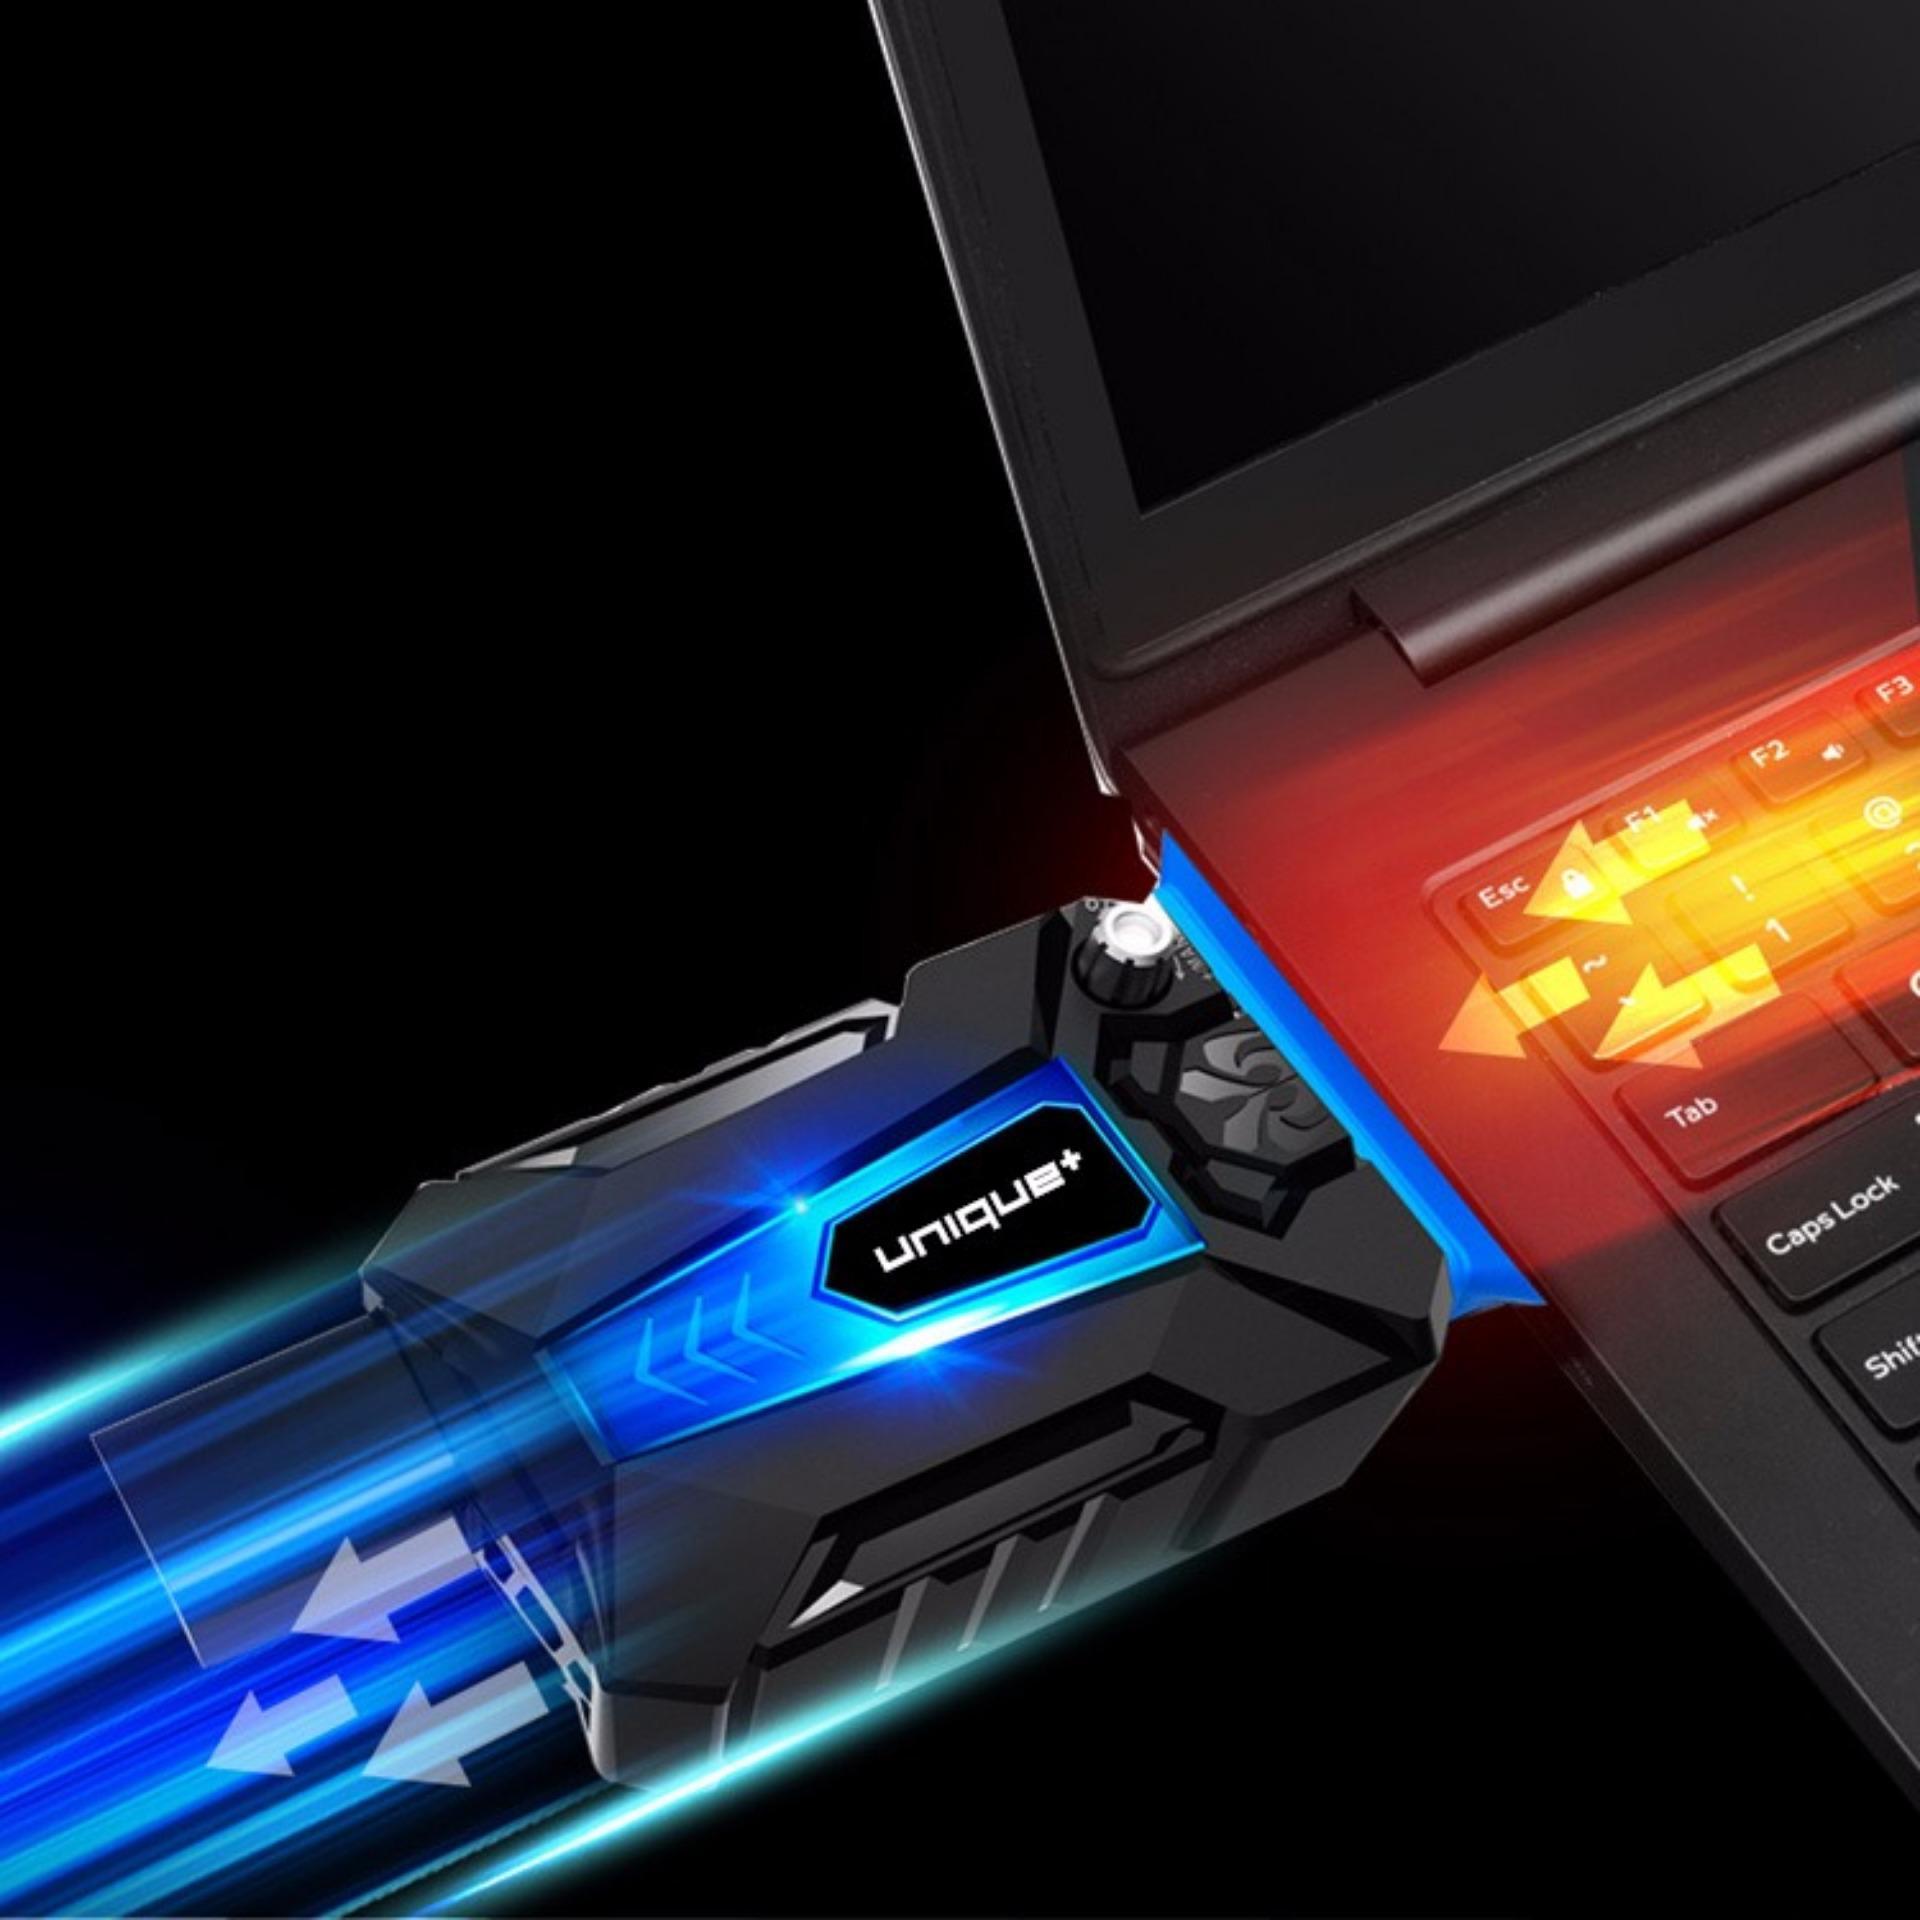 Daftar Harga Unique Cooling Pad Cooler Vacuum Hisap Pendingin Laptop Kipas Universal Gaming K27 Hitam